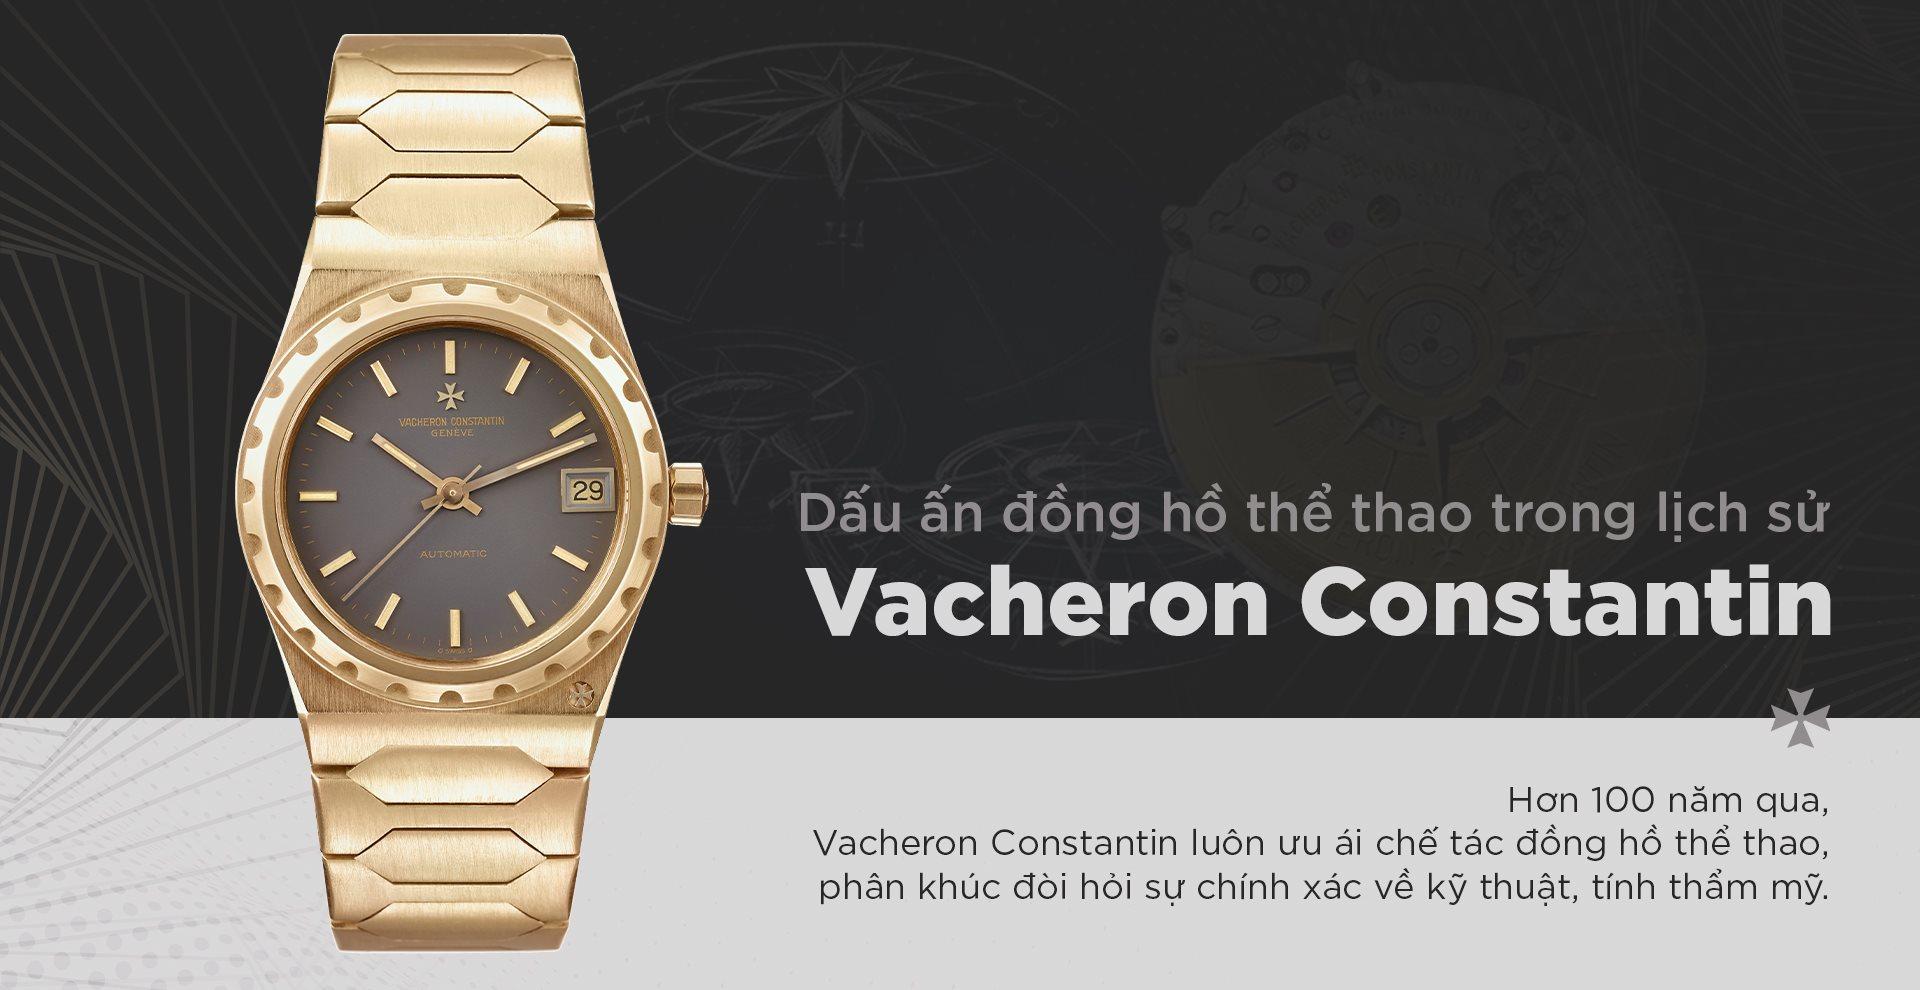 Dấu ấn đồng hồ thể thao trong lịch sử Vacheron Constantin 29